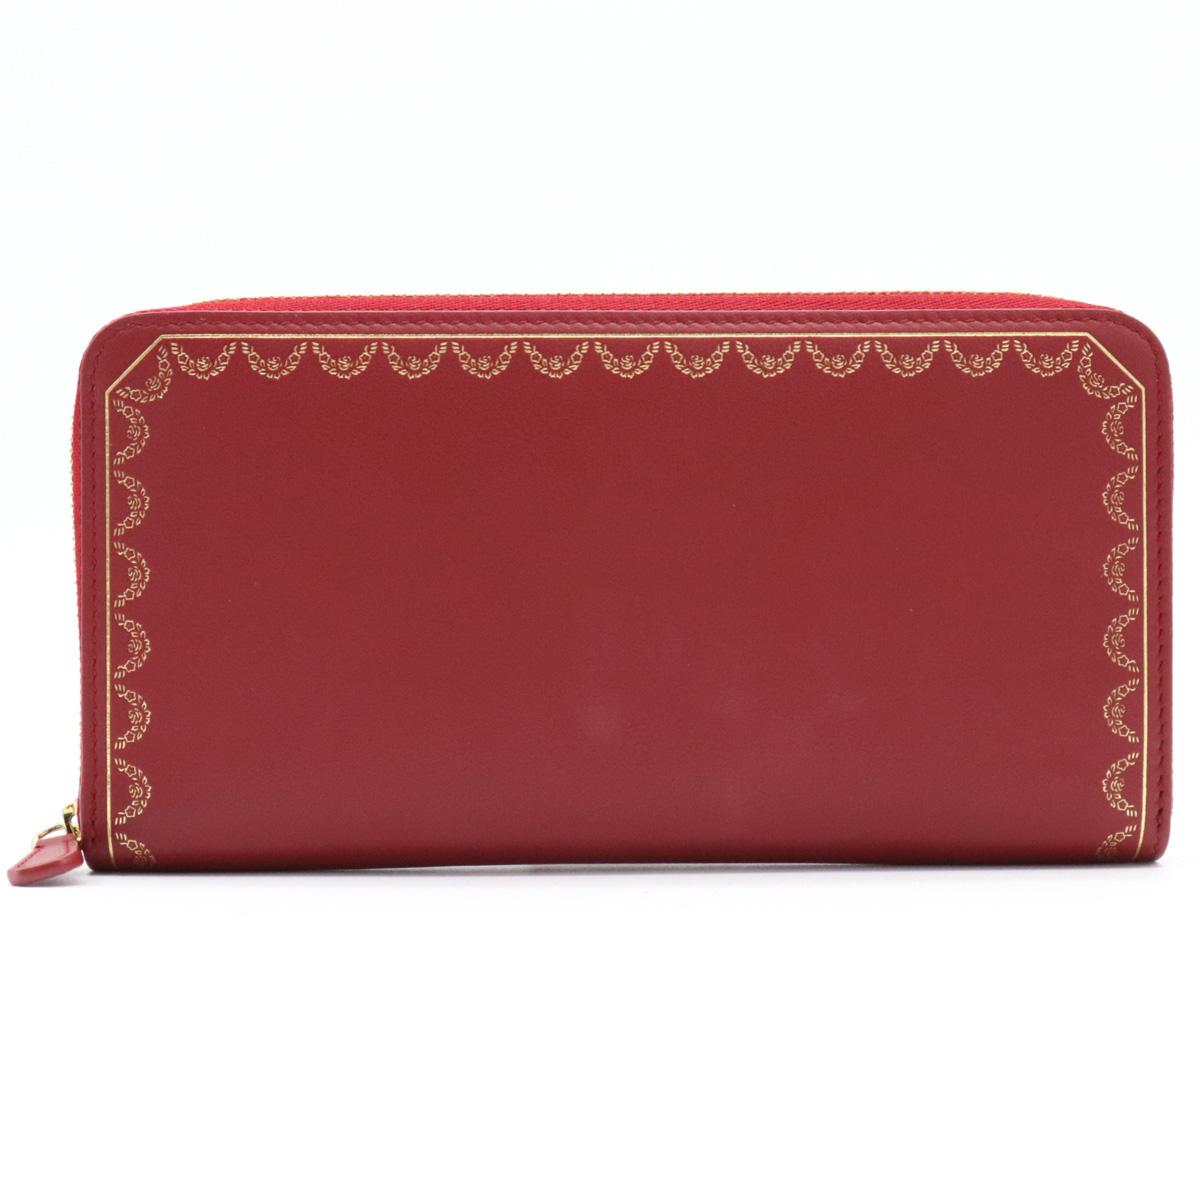 【財布】Cartier カルティエ ガーランド ドゥ カルティエ ラウンドファスナー 長財布 カーフ レザー レッド 赤 L3001709 【中古】